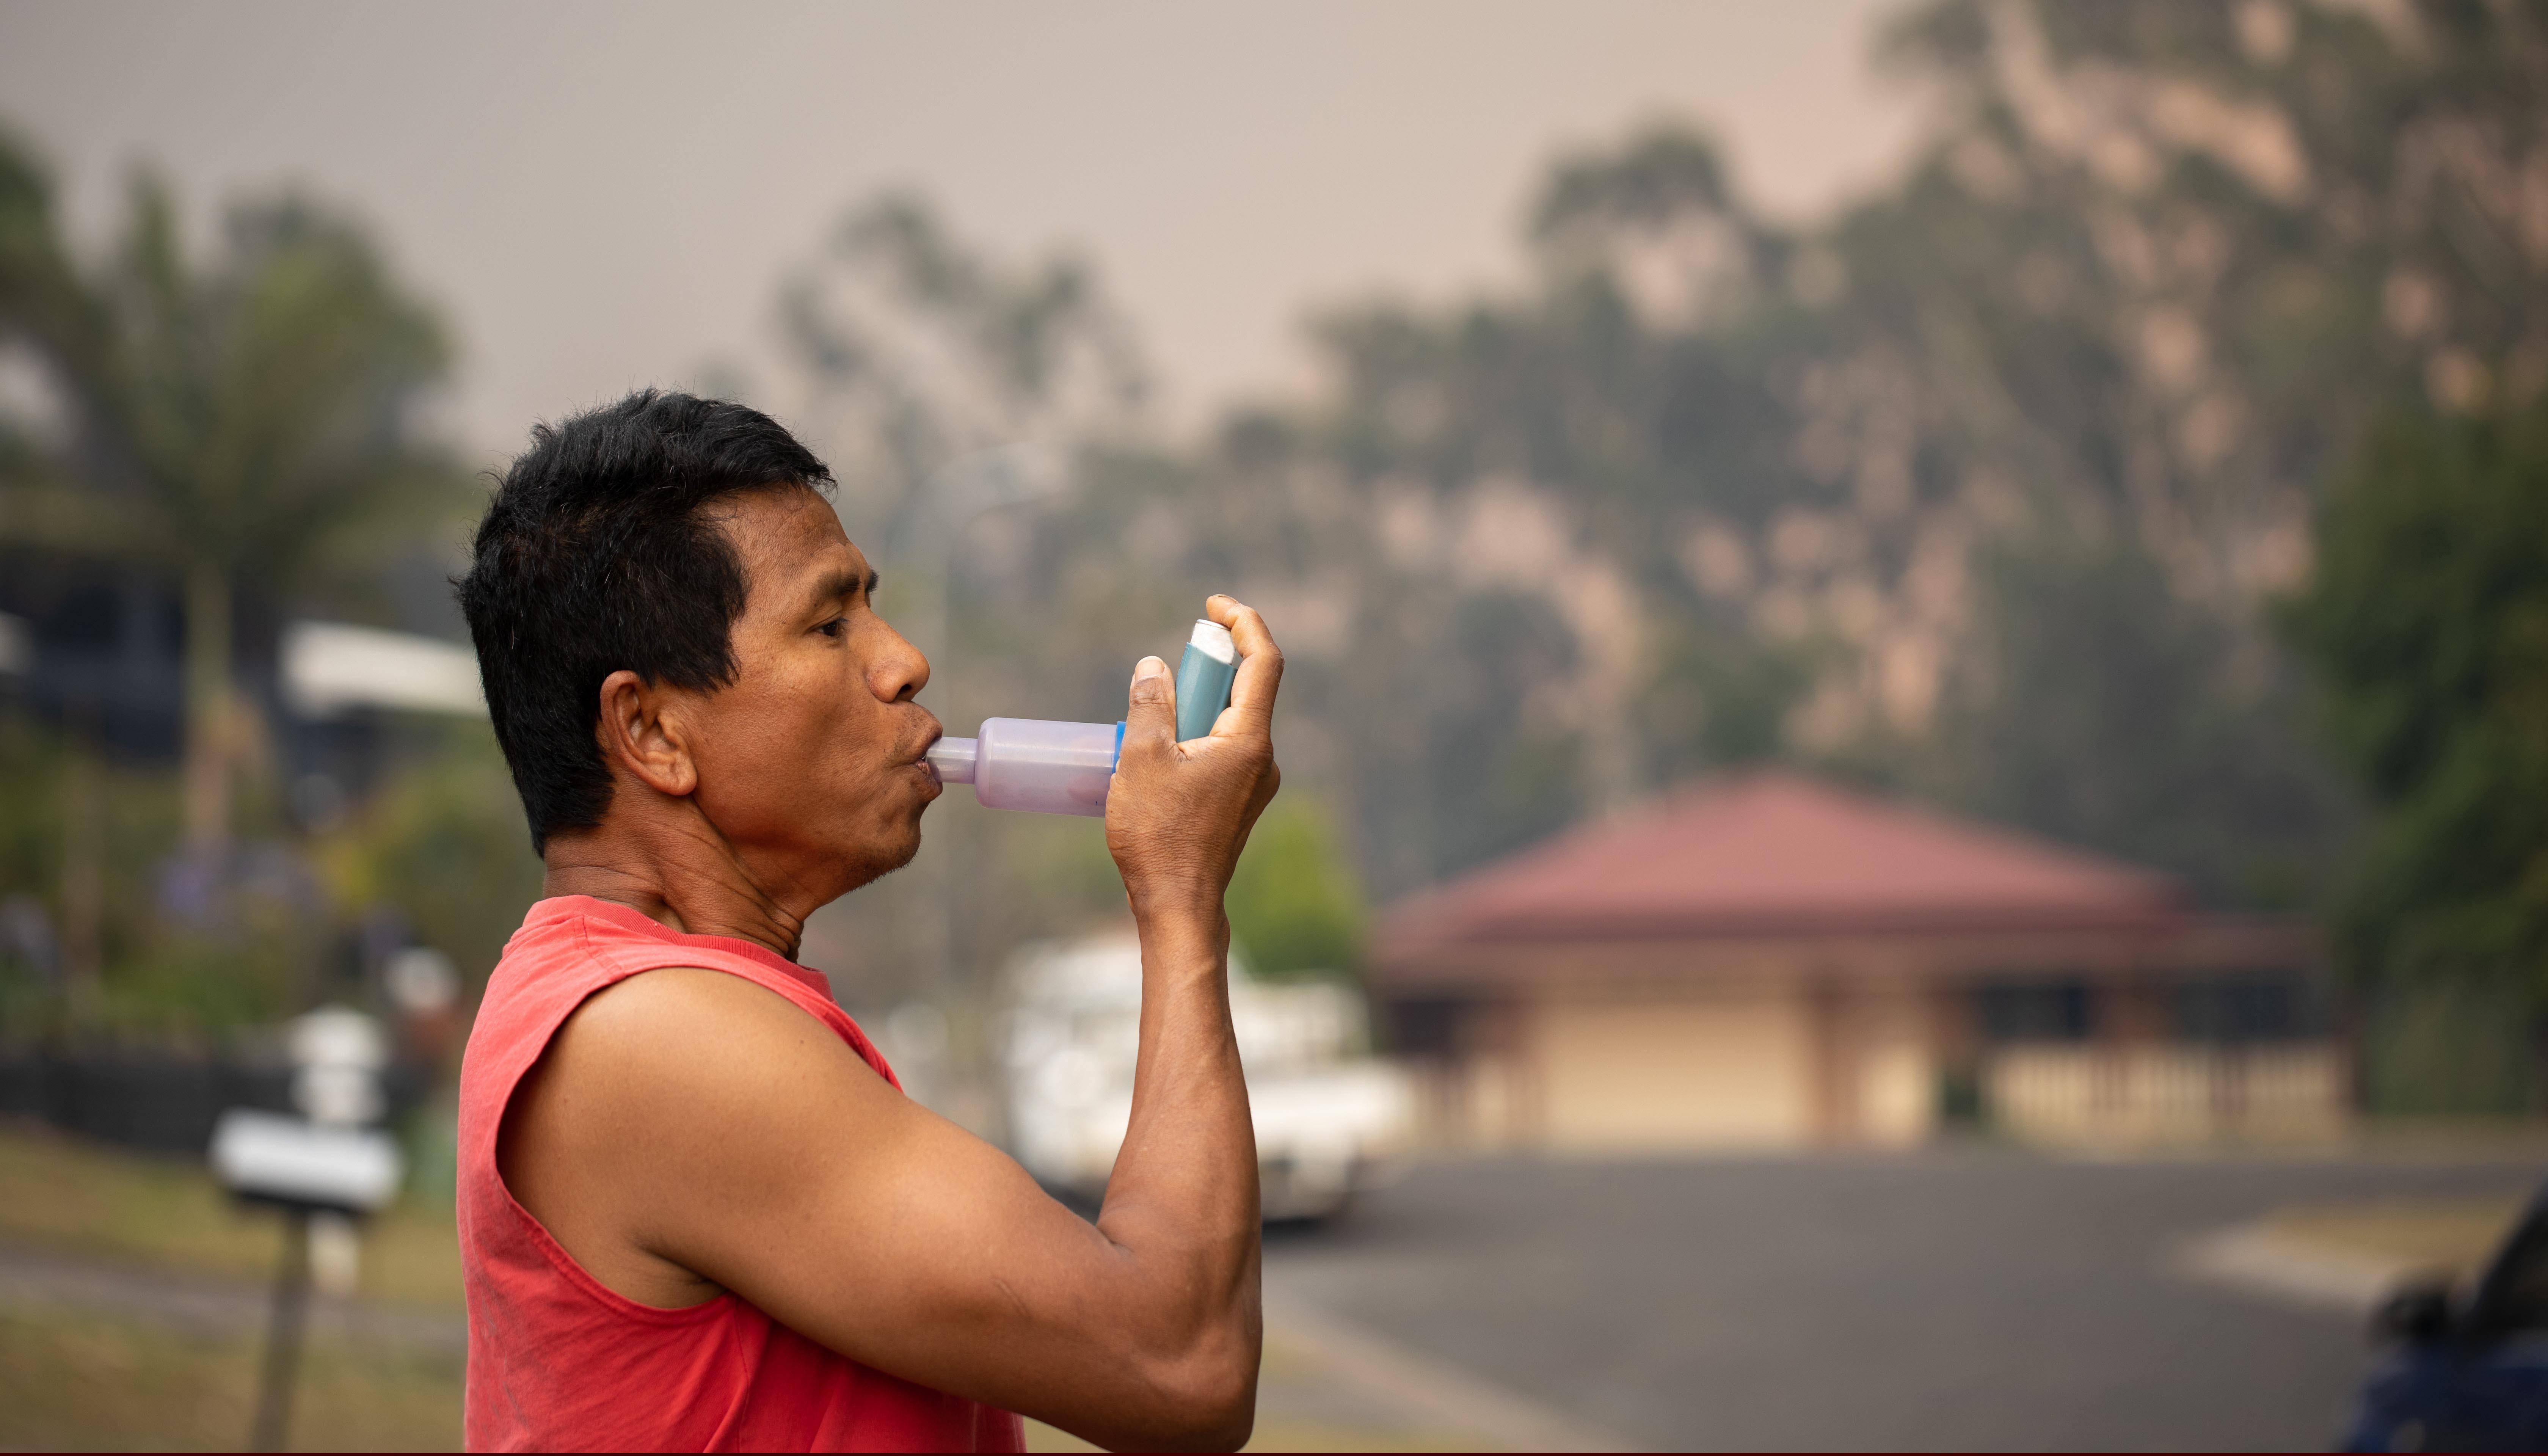 Inhaler techniques